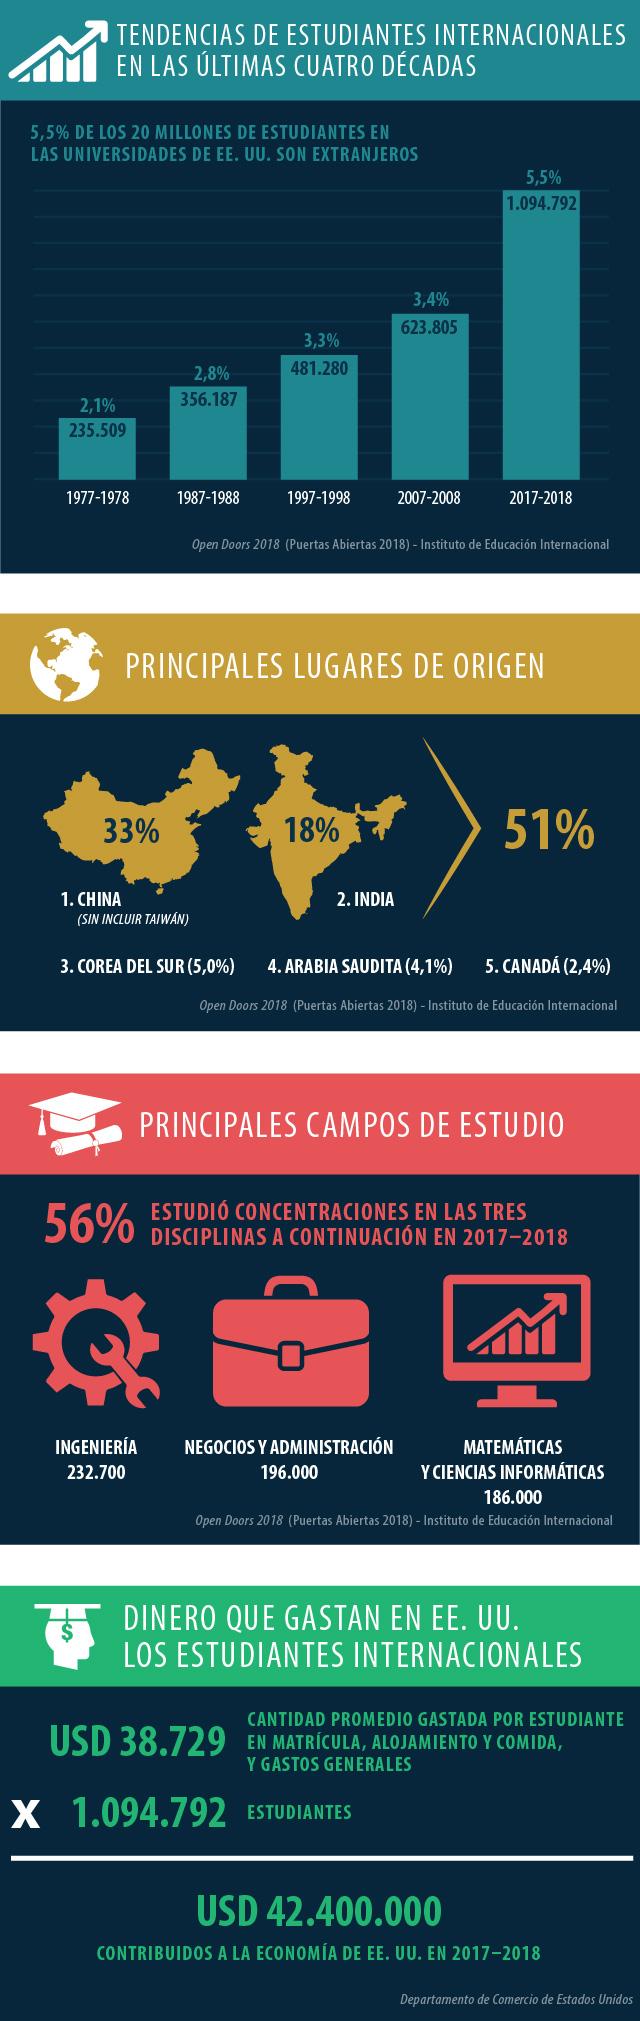 Gráfica de cuatro secciones que muestra las tendencias de los estudiantes extranjeros, principales lugares de origen, principales campos de estudio y gastos hechos en Estados Unidos por los estudiantes internacionales (Depto. de Estado/L. Rawls)